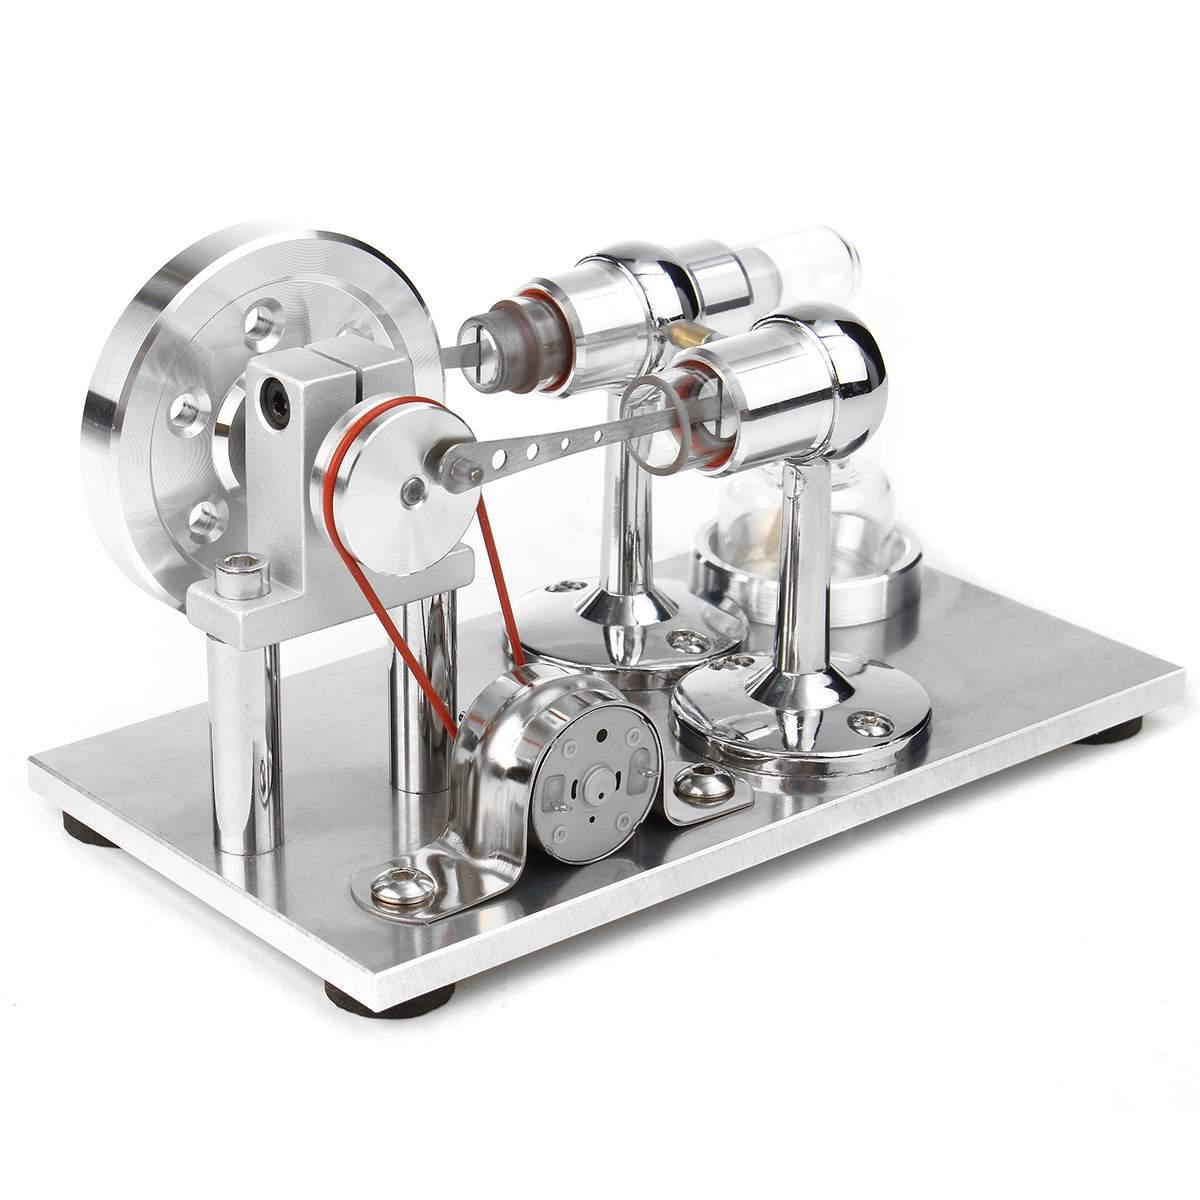 Модель двигателя с горячим воздухом для физики, генератор мощности, образовательный паровой двигатель, игрушка, набор для научных эксперим...